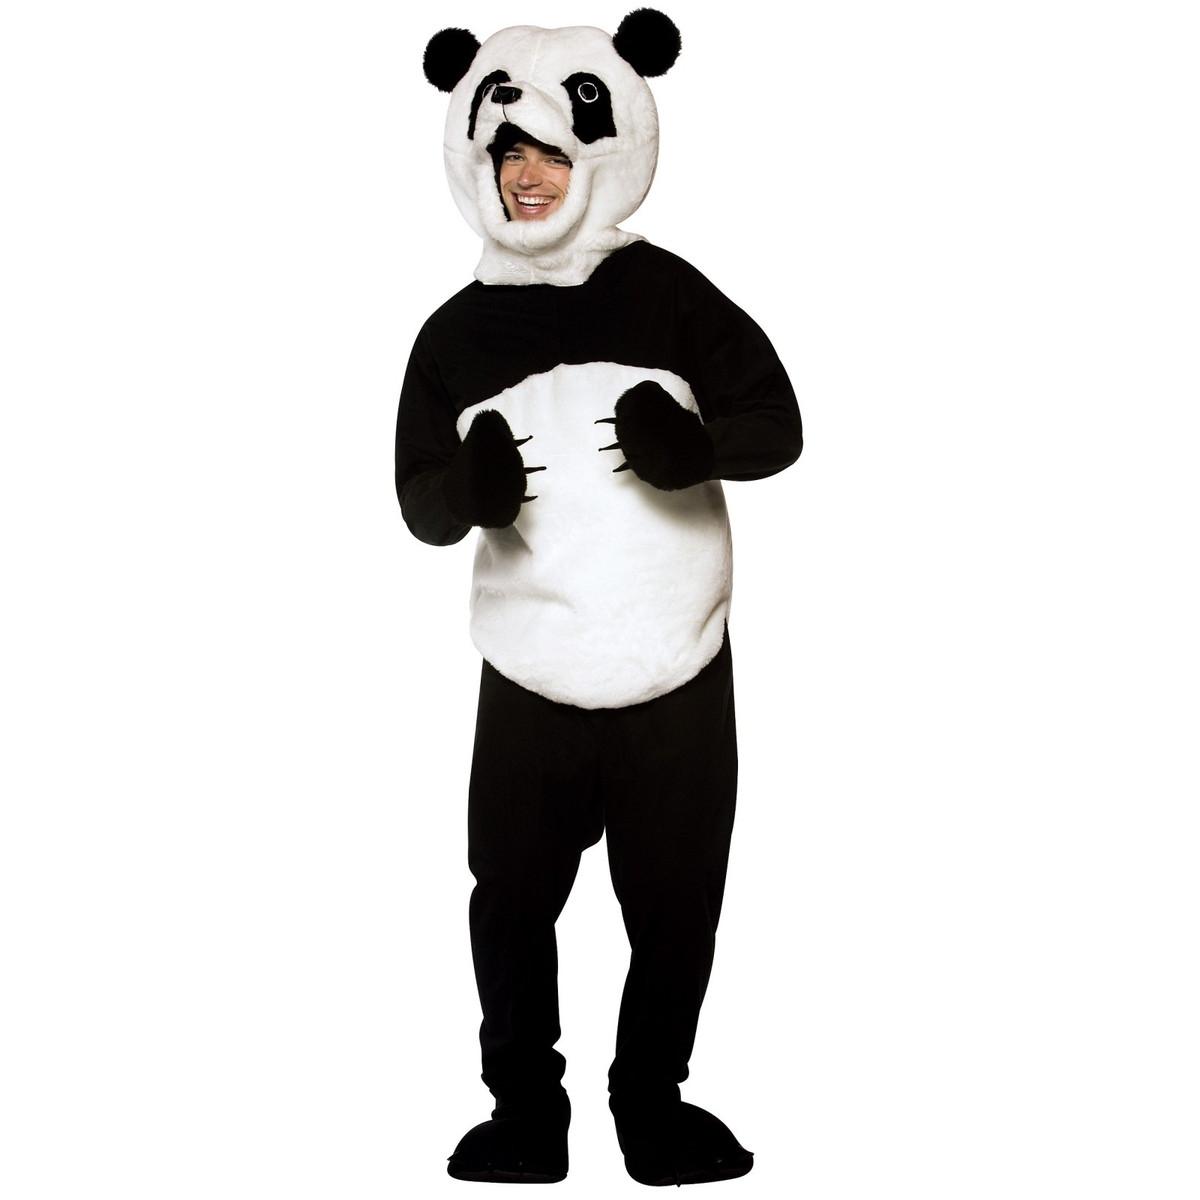 パンダ 着ぐるみ マスコット 大人用 動物 コスプレ コスチューム アニマル ハロウィン 仮装